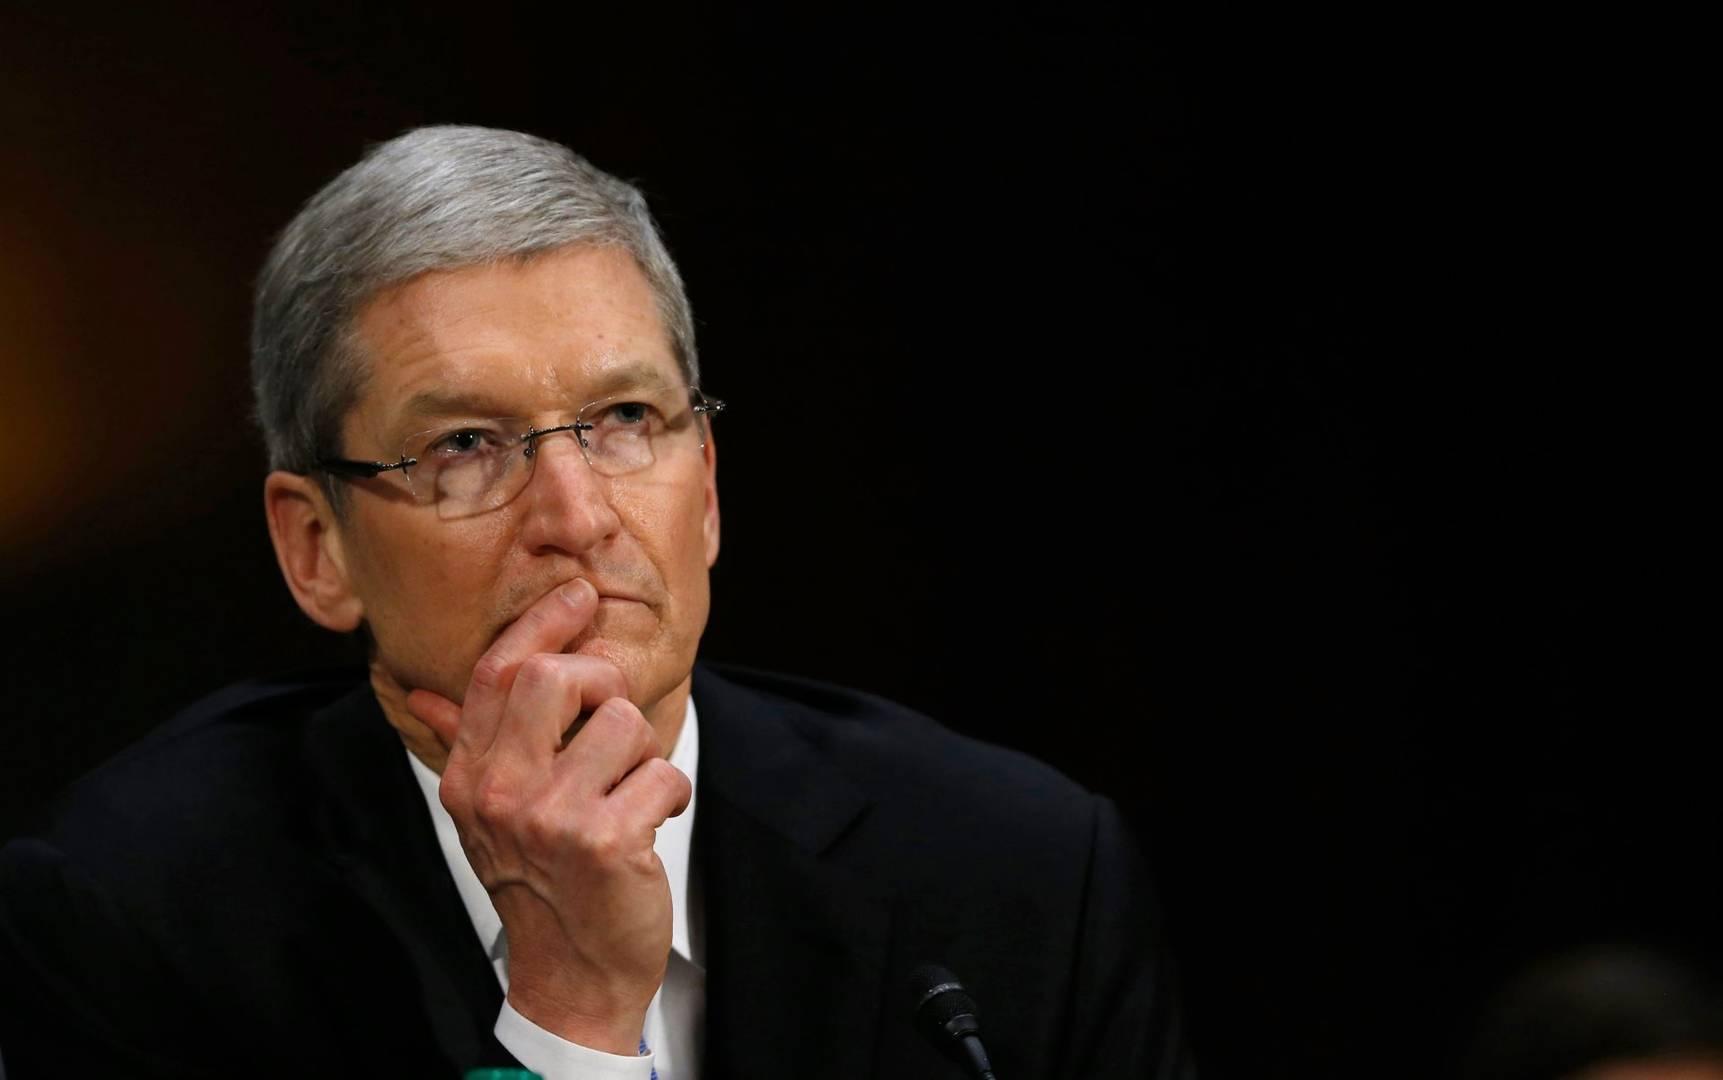 China habría intervenido con malware celulares iPhone de musulmanes en su país